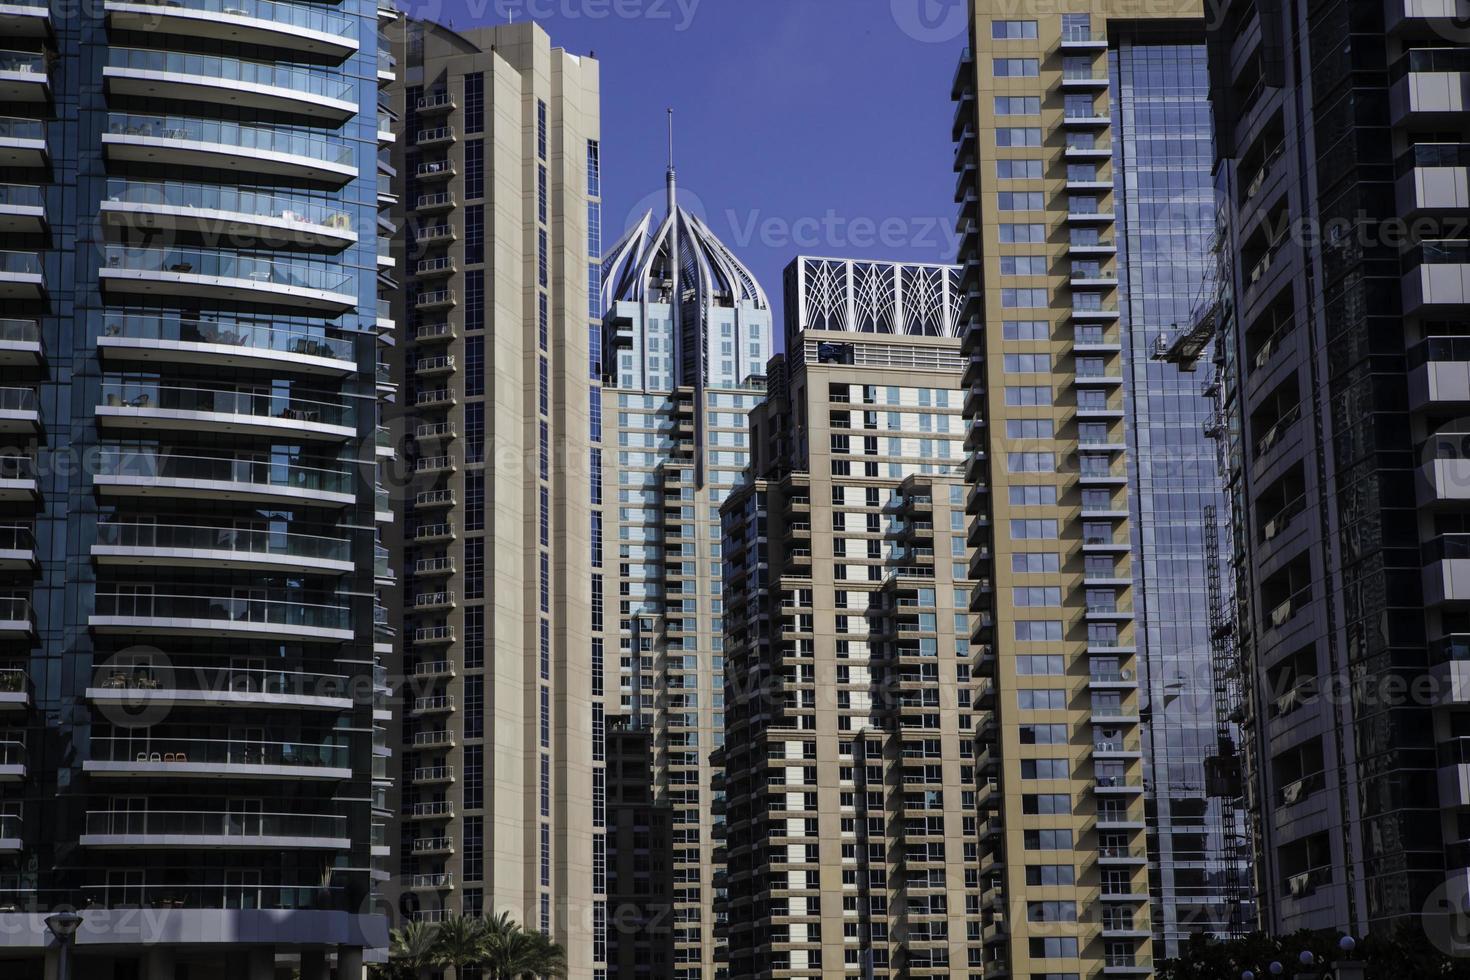 grattacielo alto edificio foto